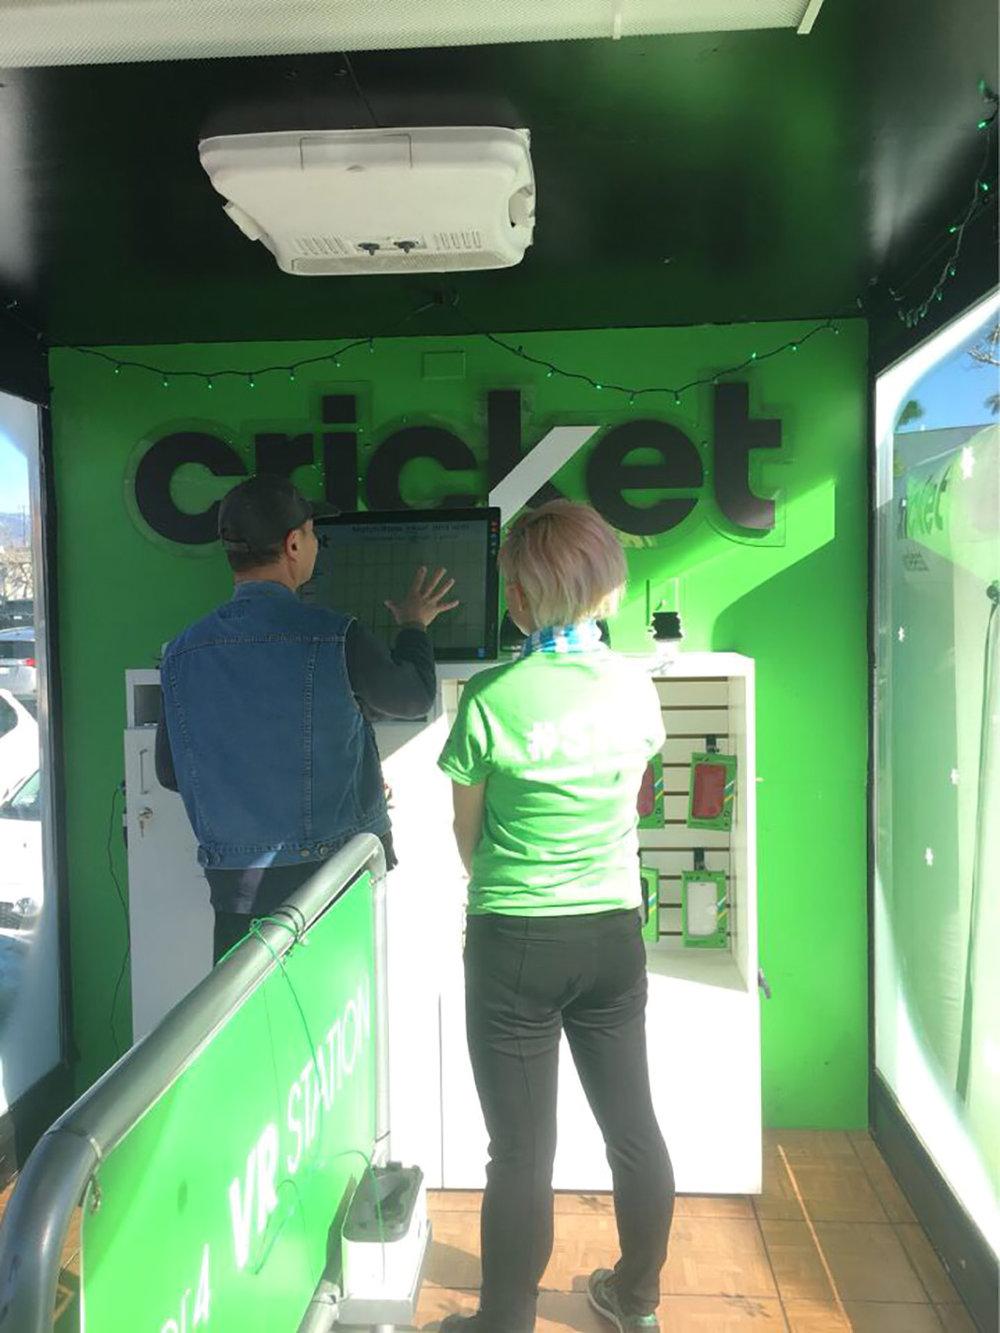 Crickett-5.jpg